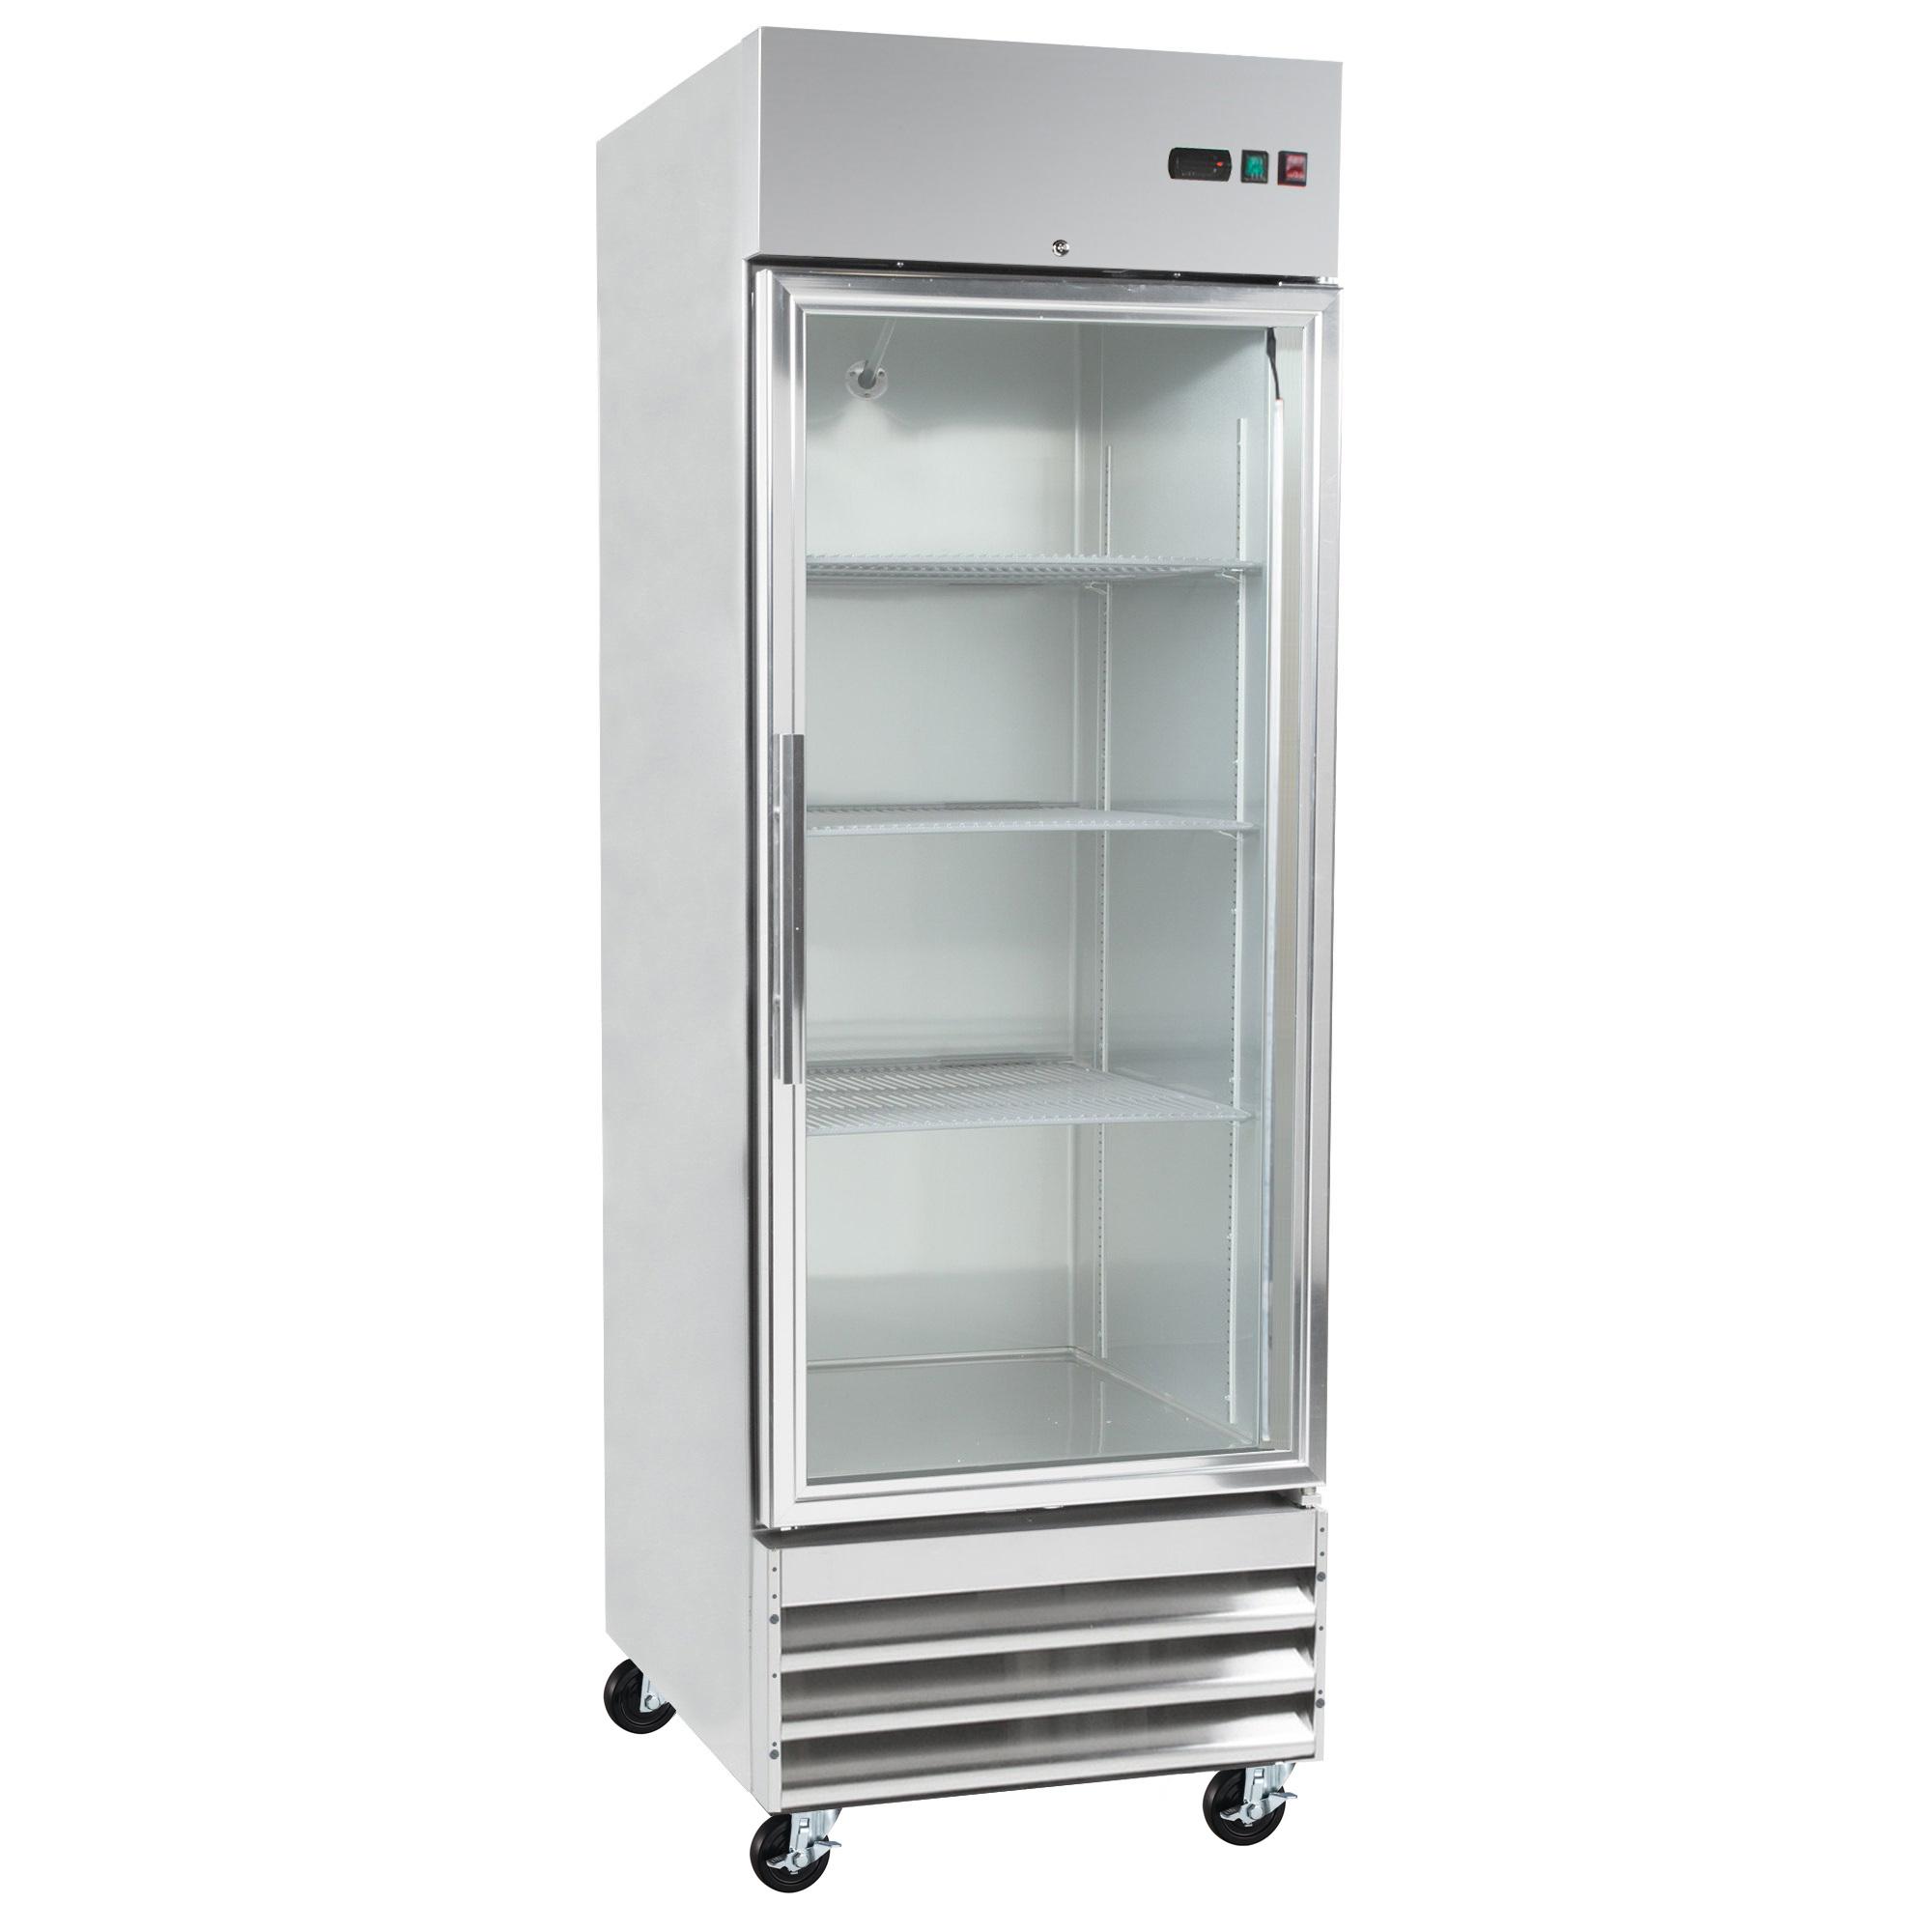 Eurodib USA CFD-1RRG refrigerator, merchandiser